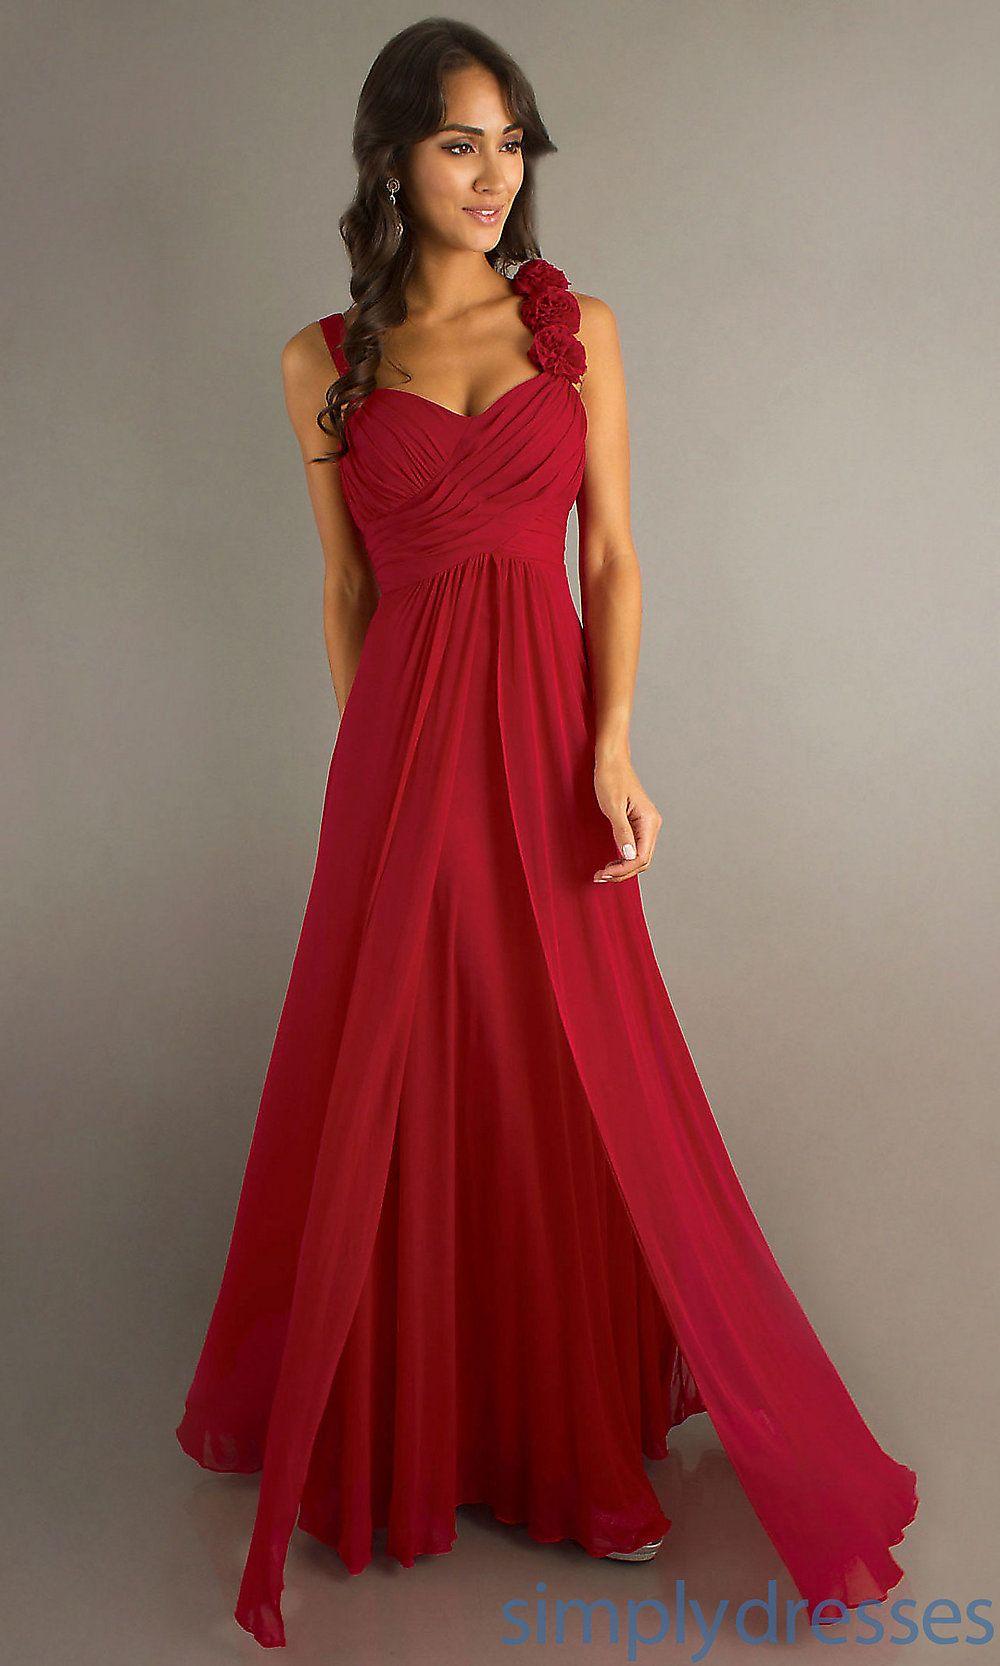 Cheap Long Formal Prom Dress, Cheap Evening Gown | Cheap evening ...